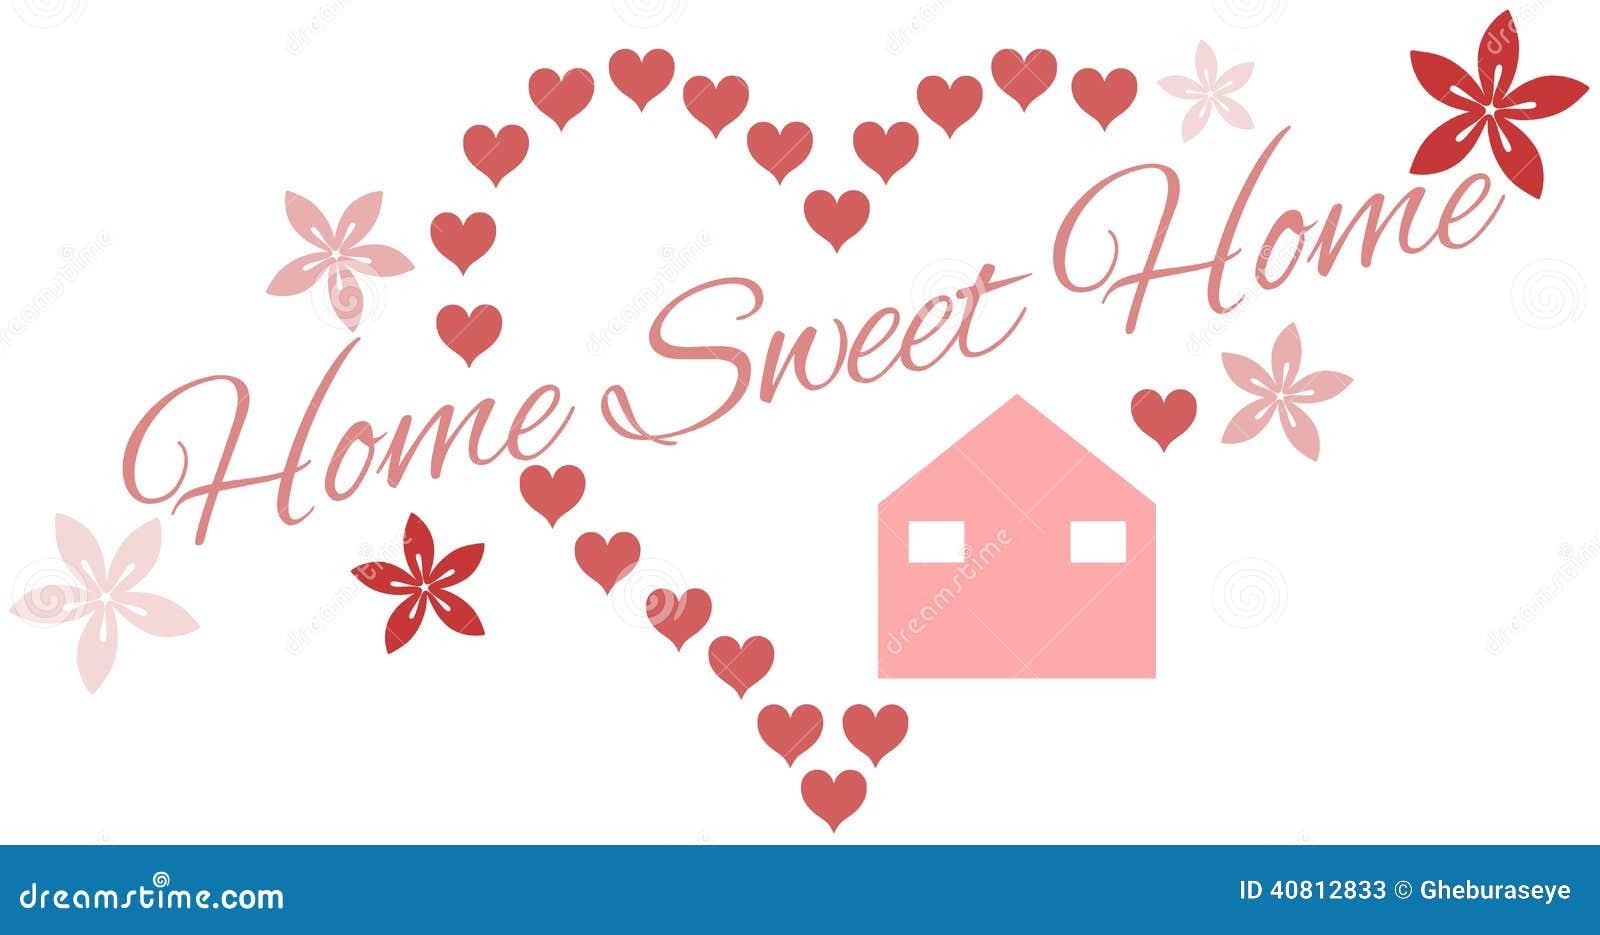 Fondo di casa dolce casa illustrazione vettoriale for Dolce casa di fuga